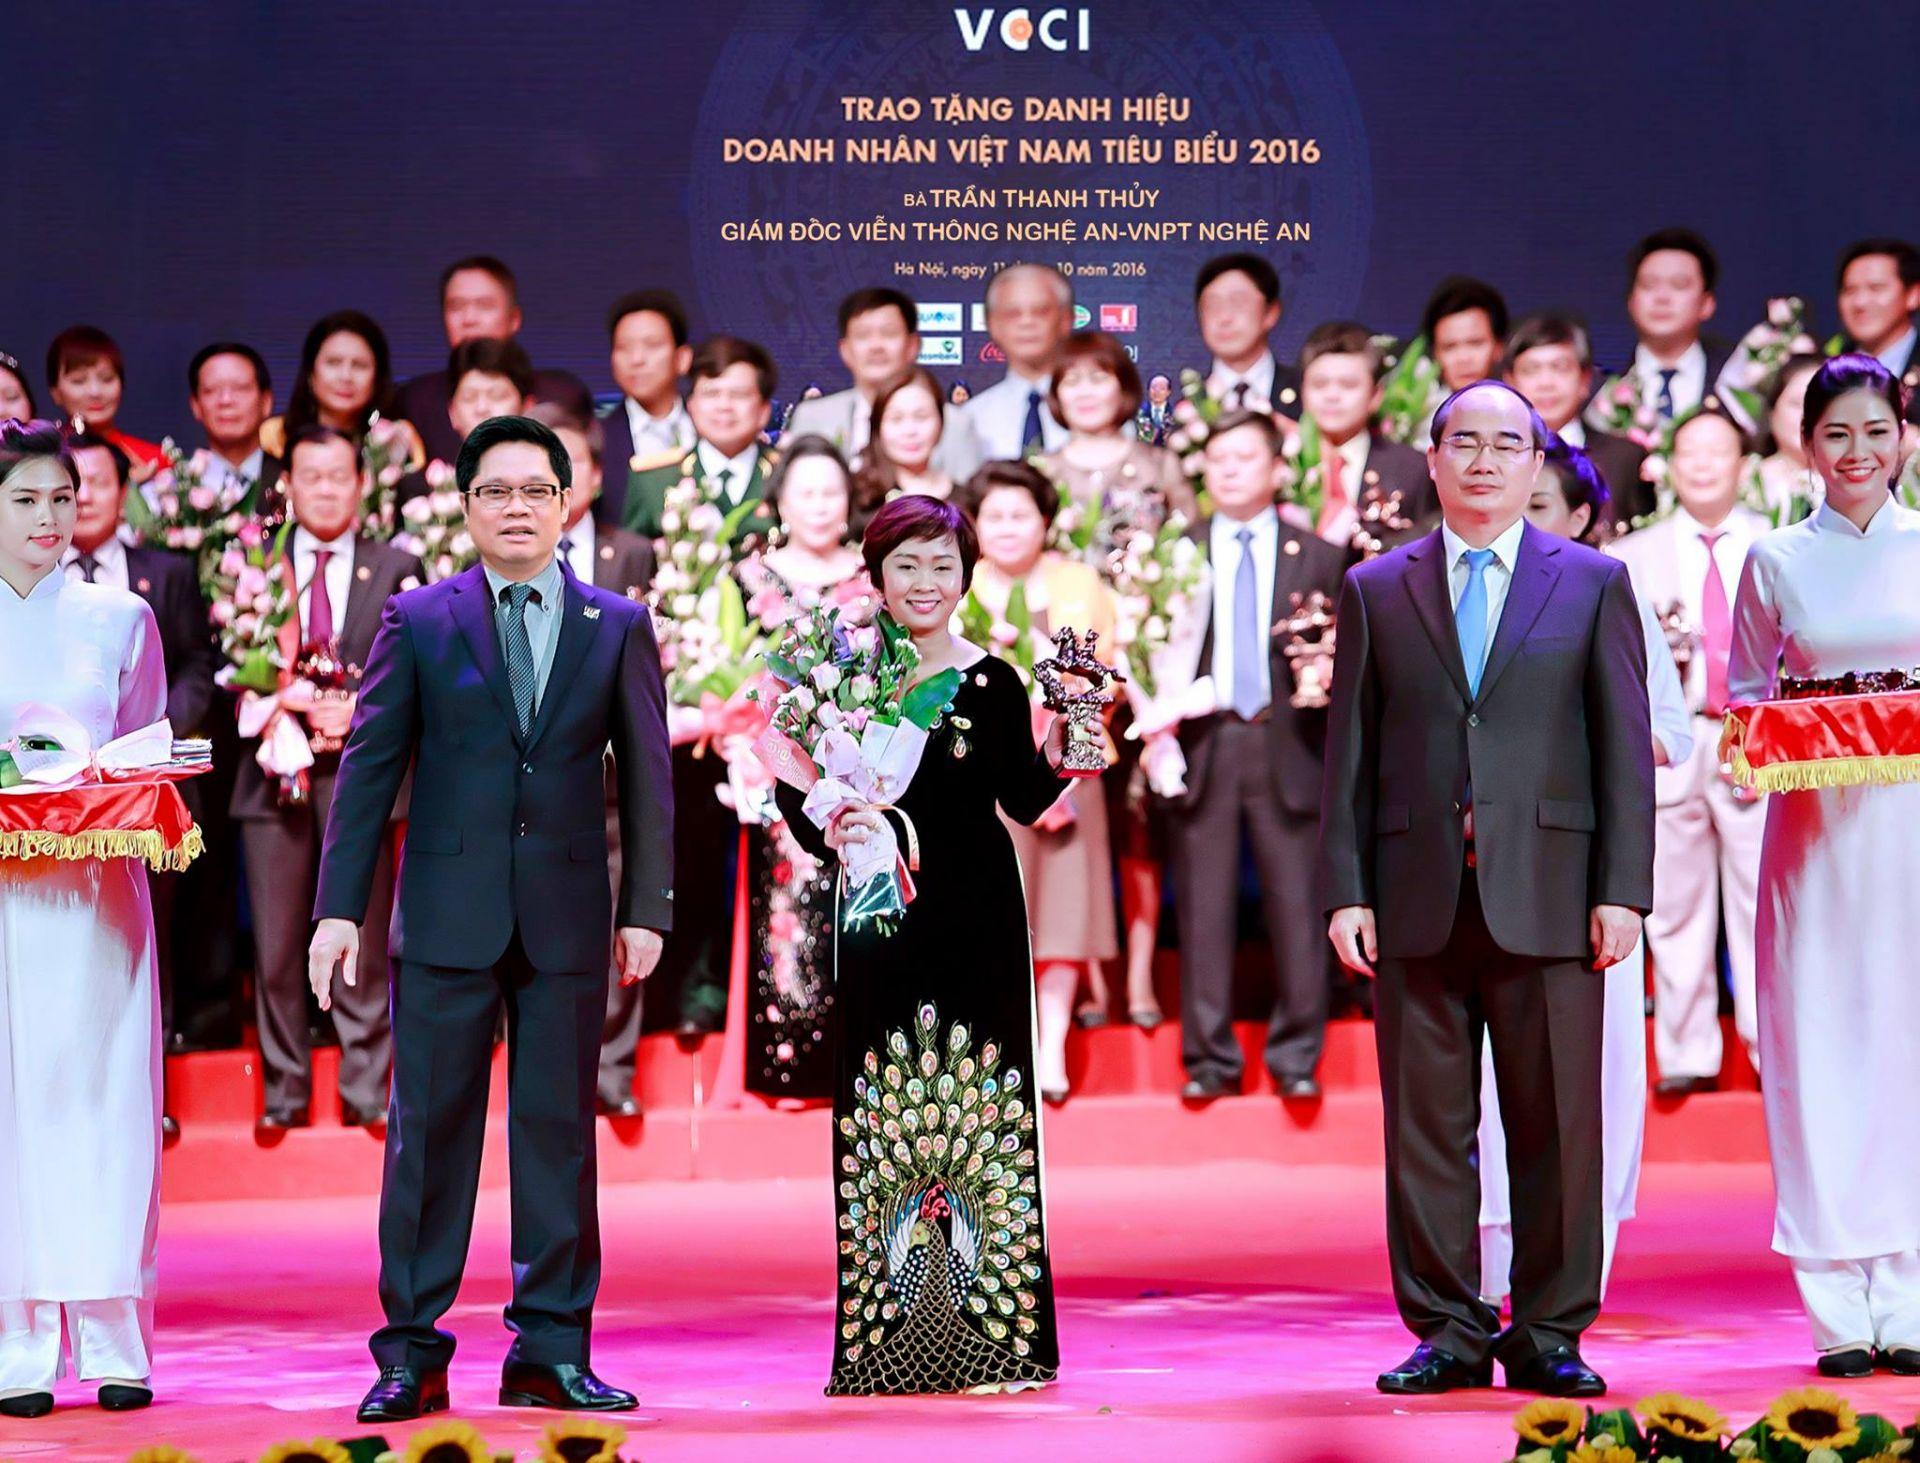 Lãnh đạo Nhà nước tôn vinh doanh nhân Việt Nam